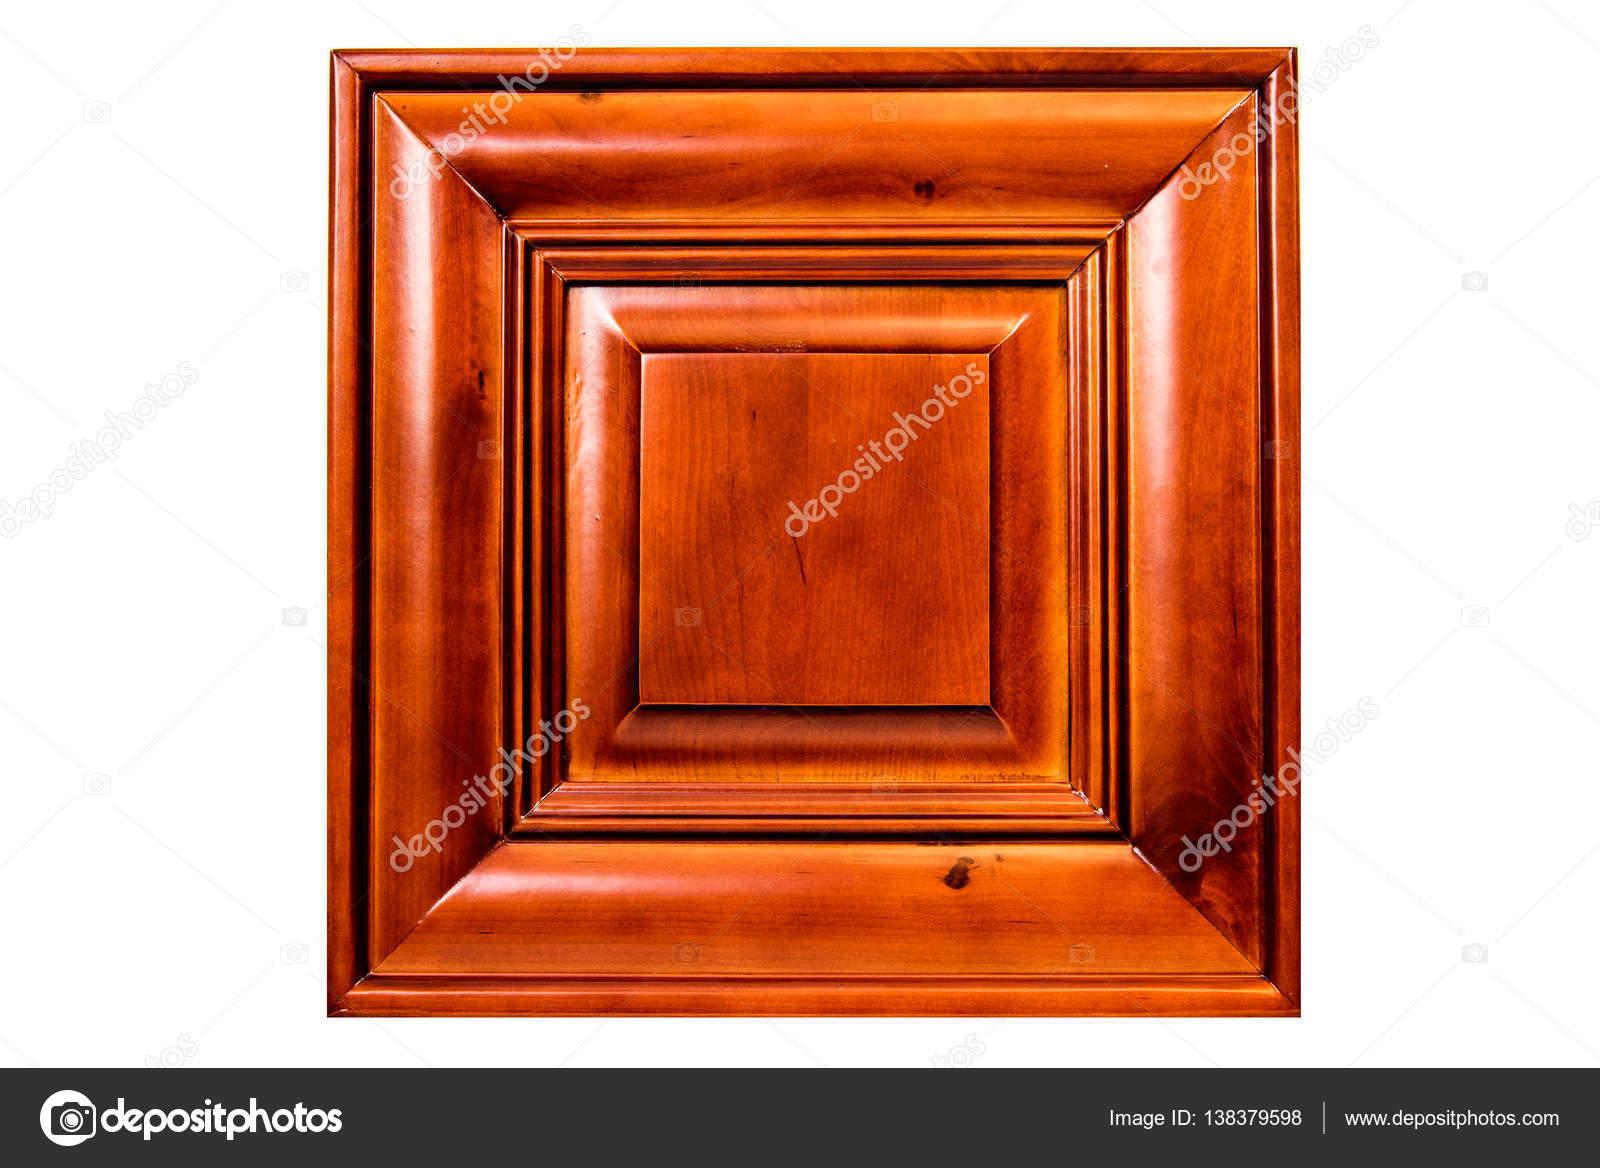 Cabinet door made of wood — Stockfoto © studiodin #138379598